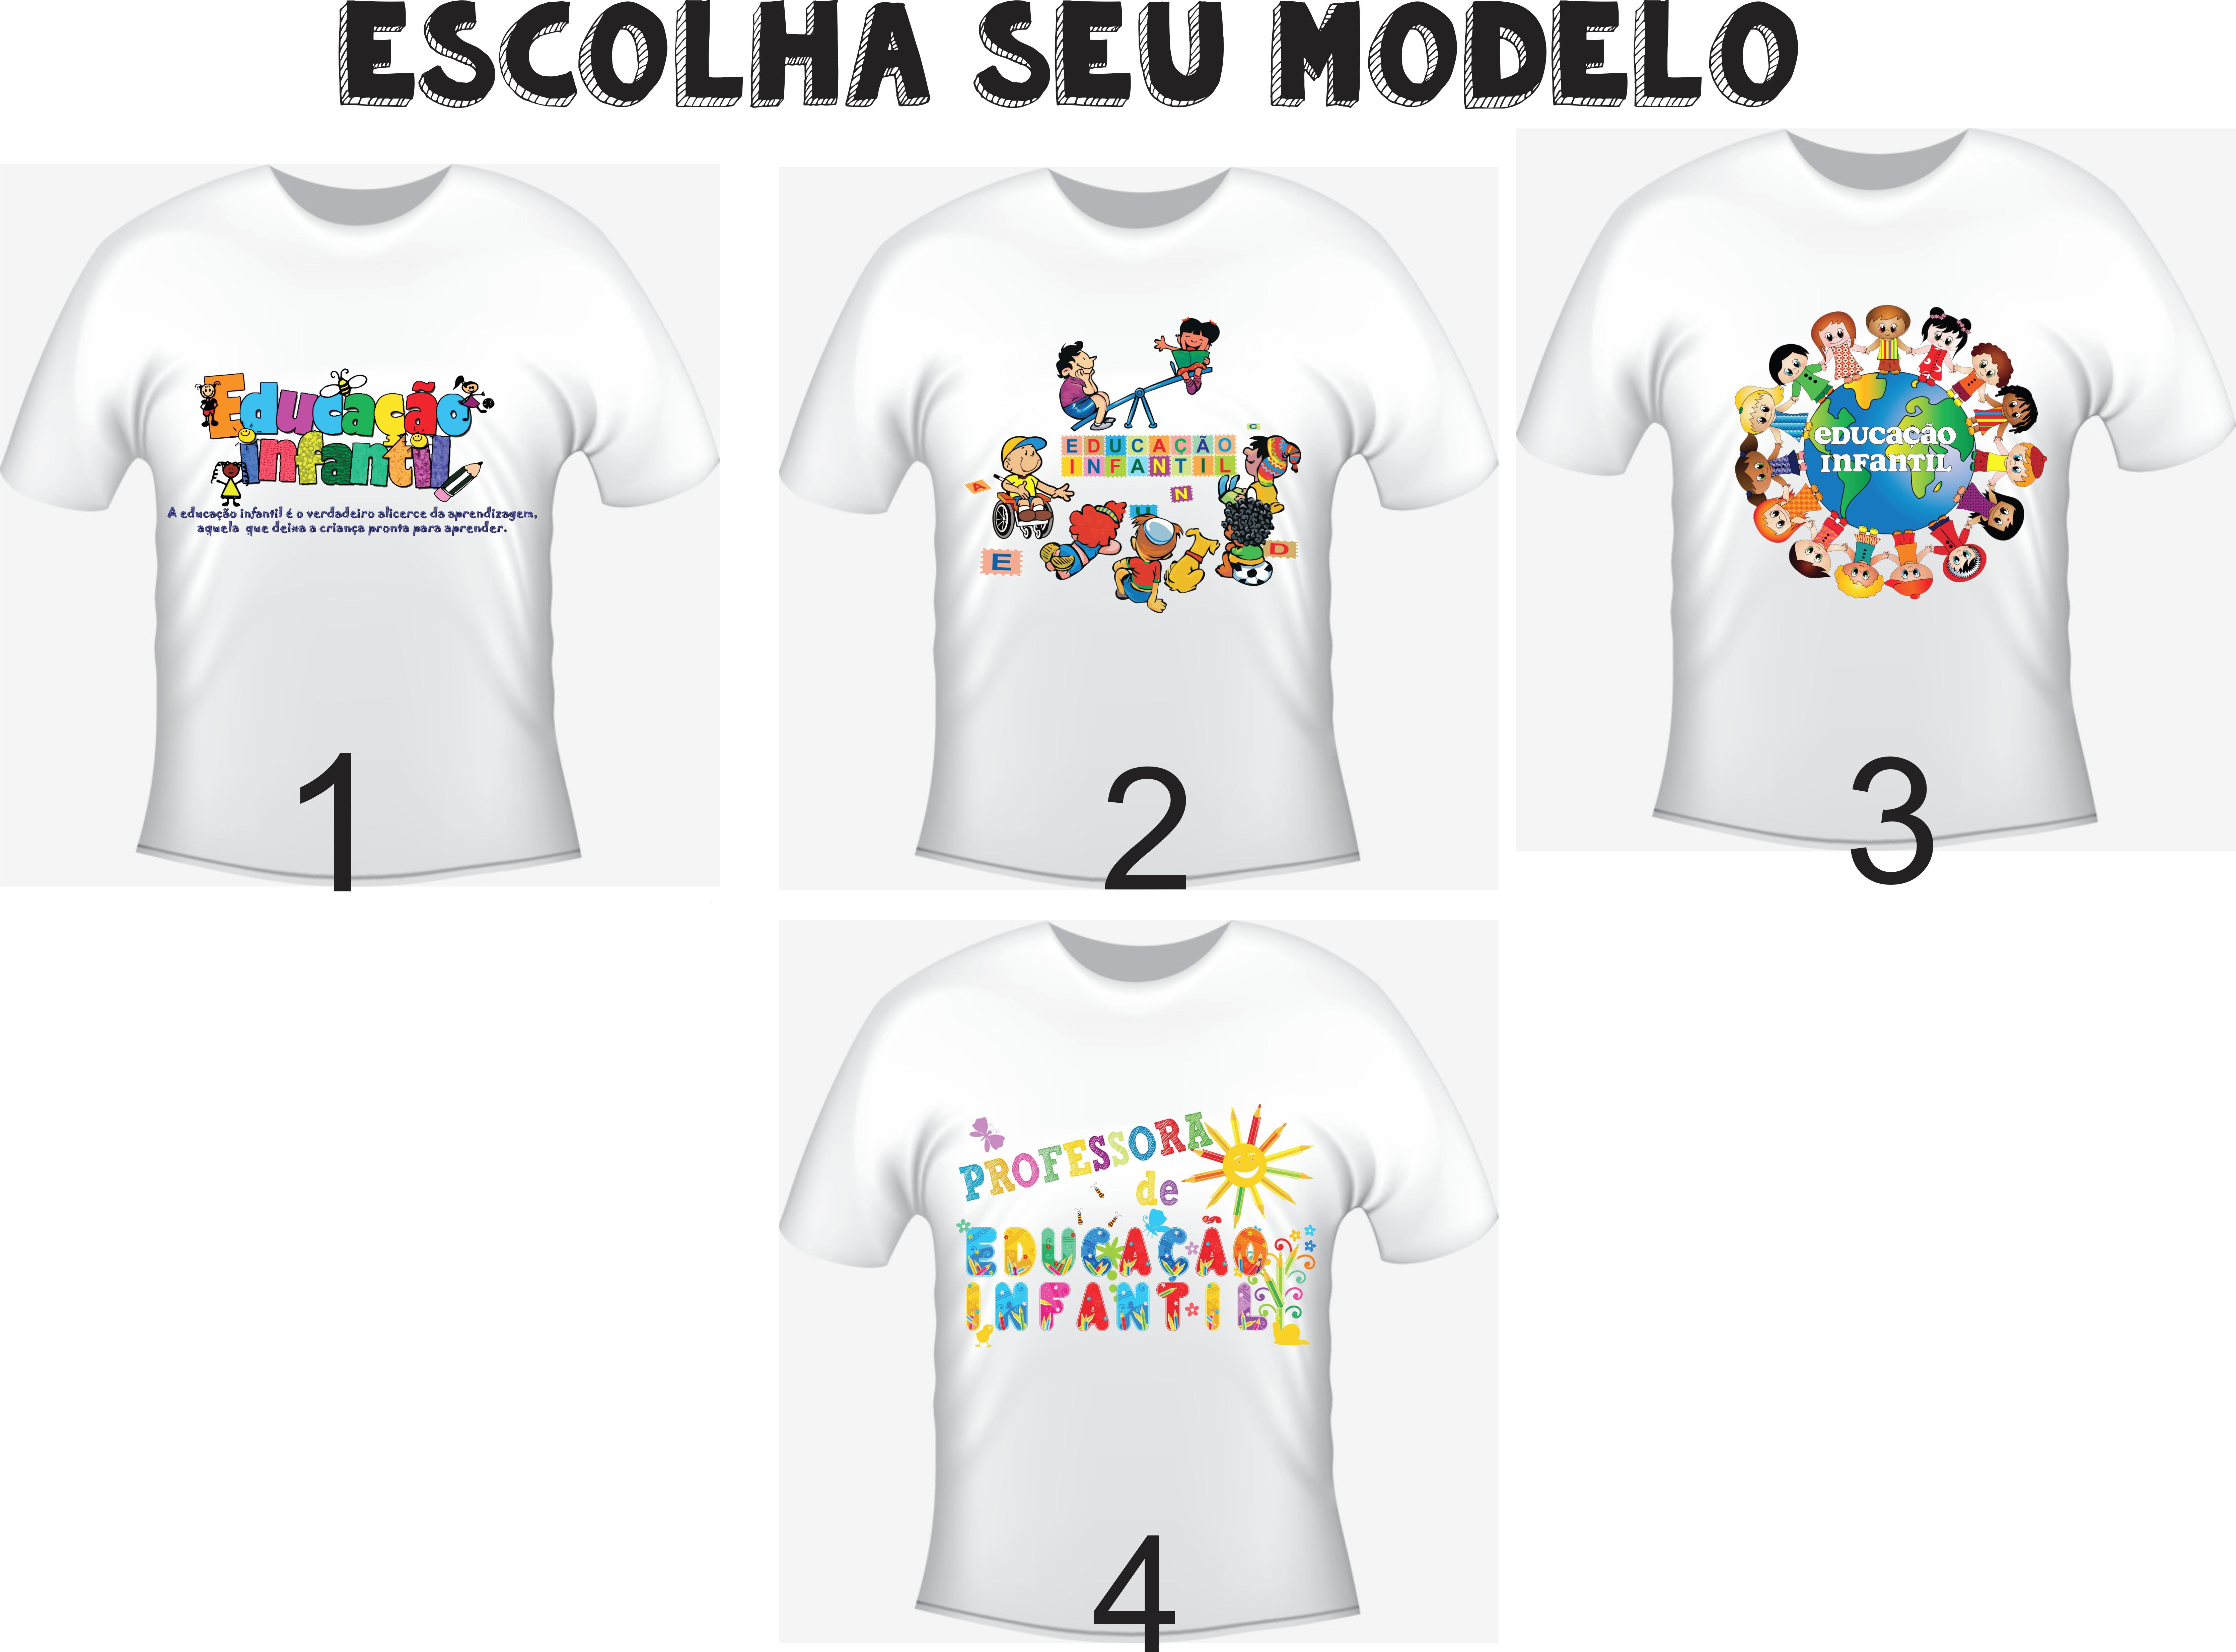 e6a1ab8ab4779 Camiseta Adulto Modelo a Escolher